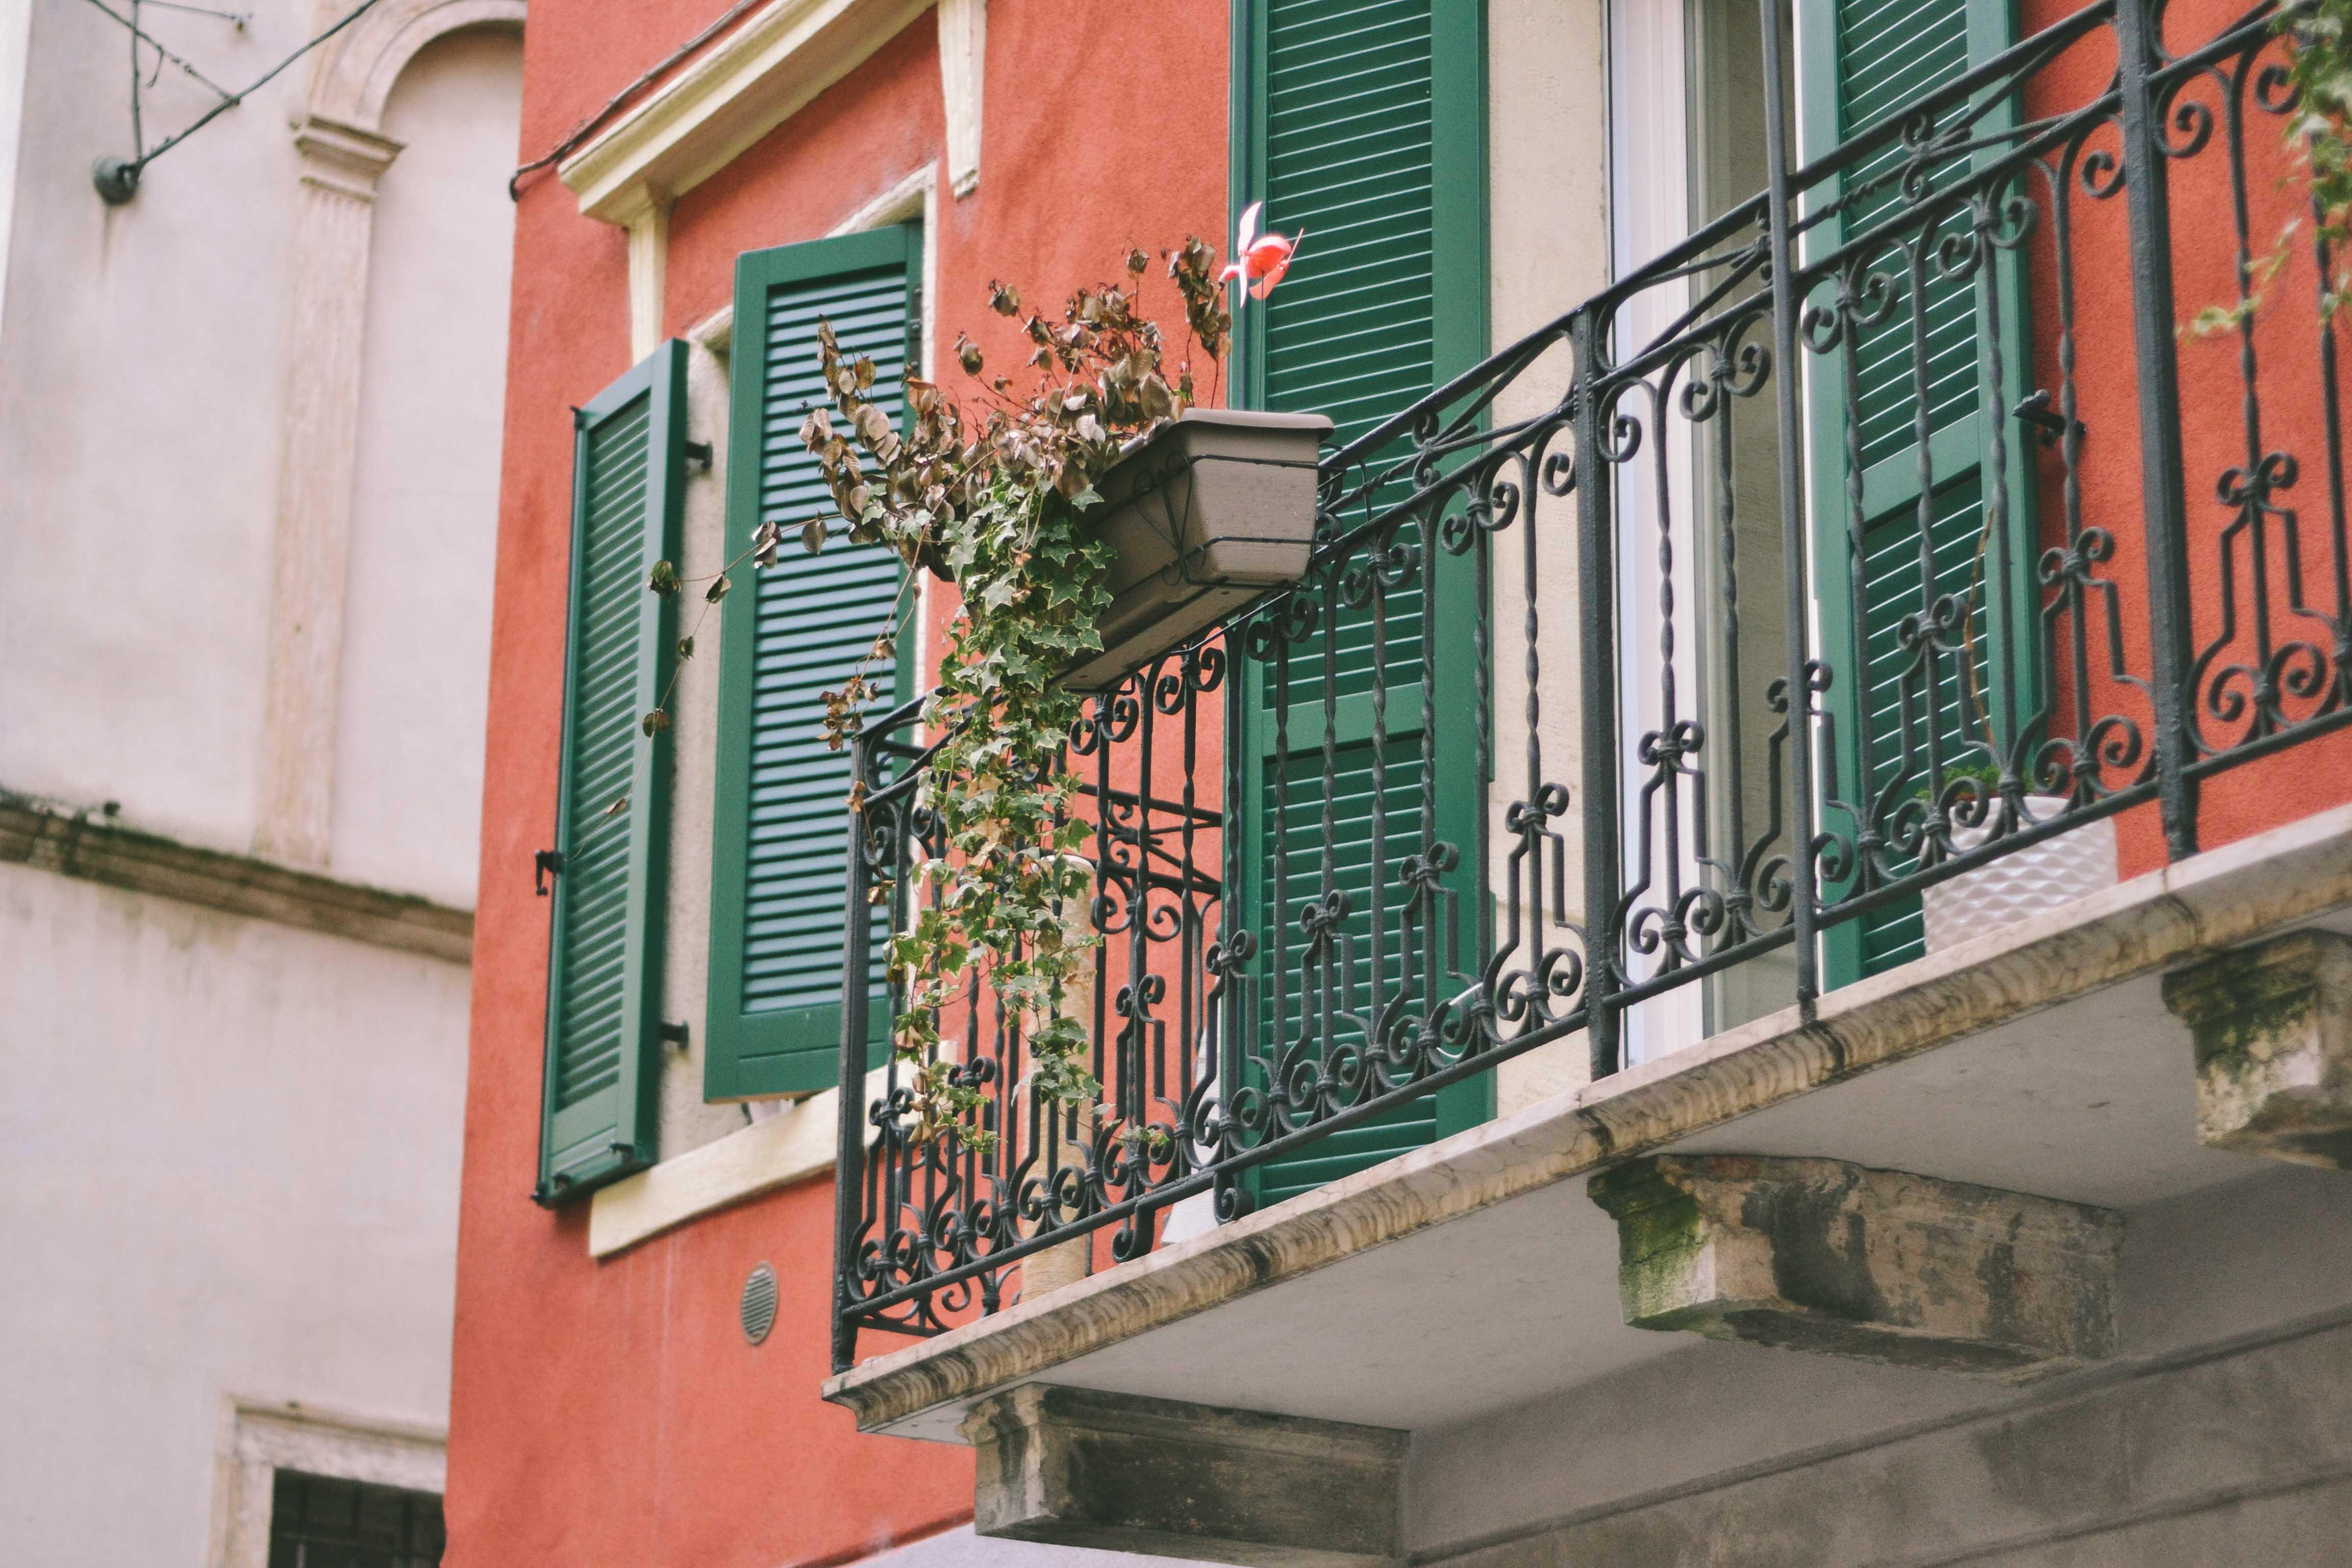 viagem-familia-italia-blog-milao-verona-pedido-casamento-trem-travel-13